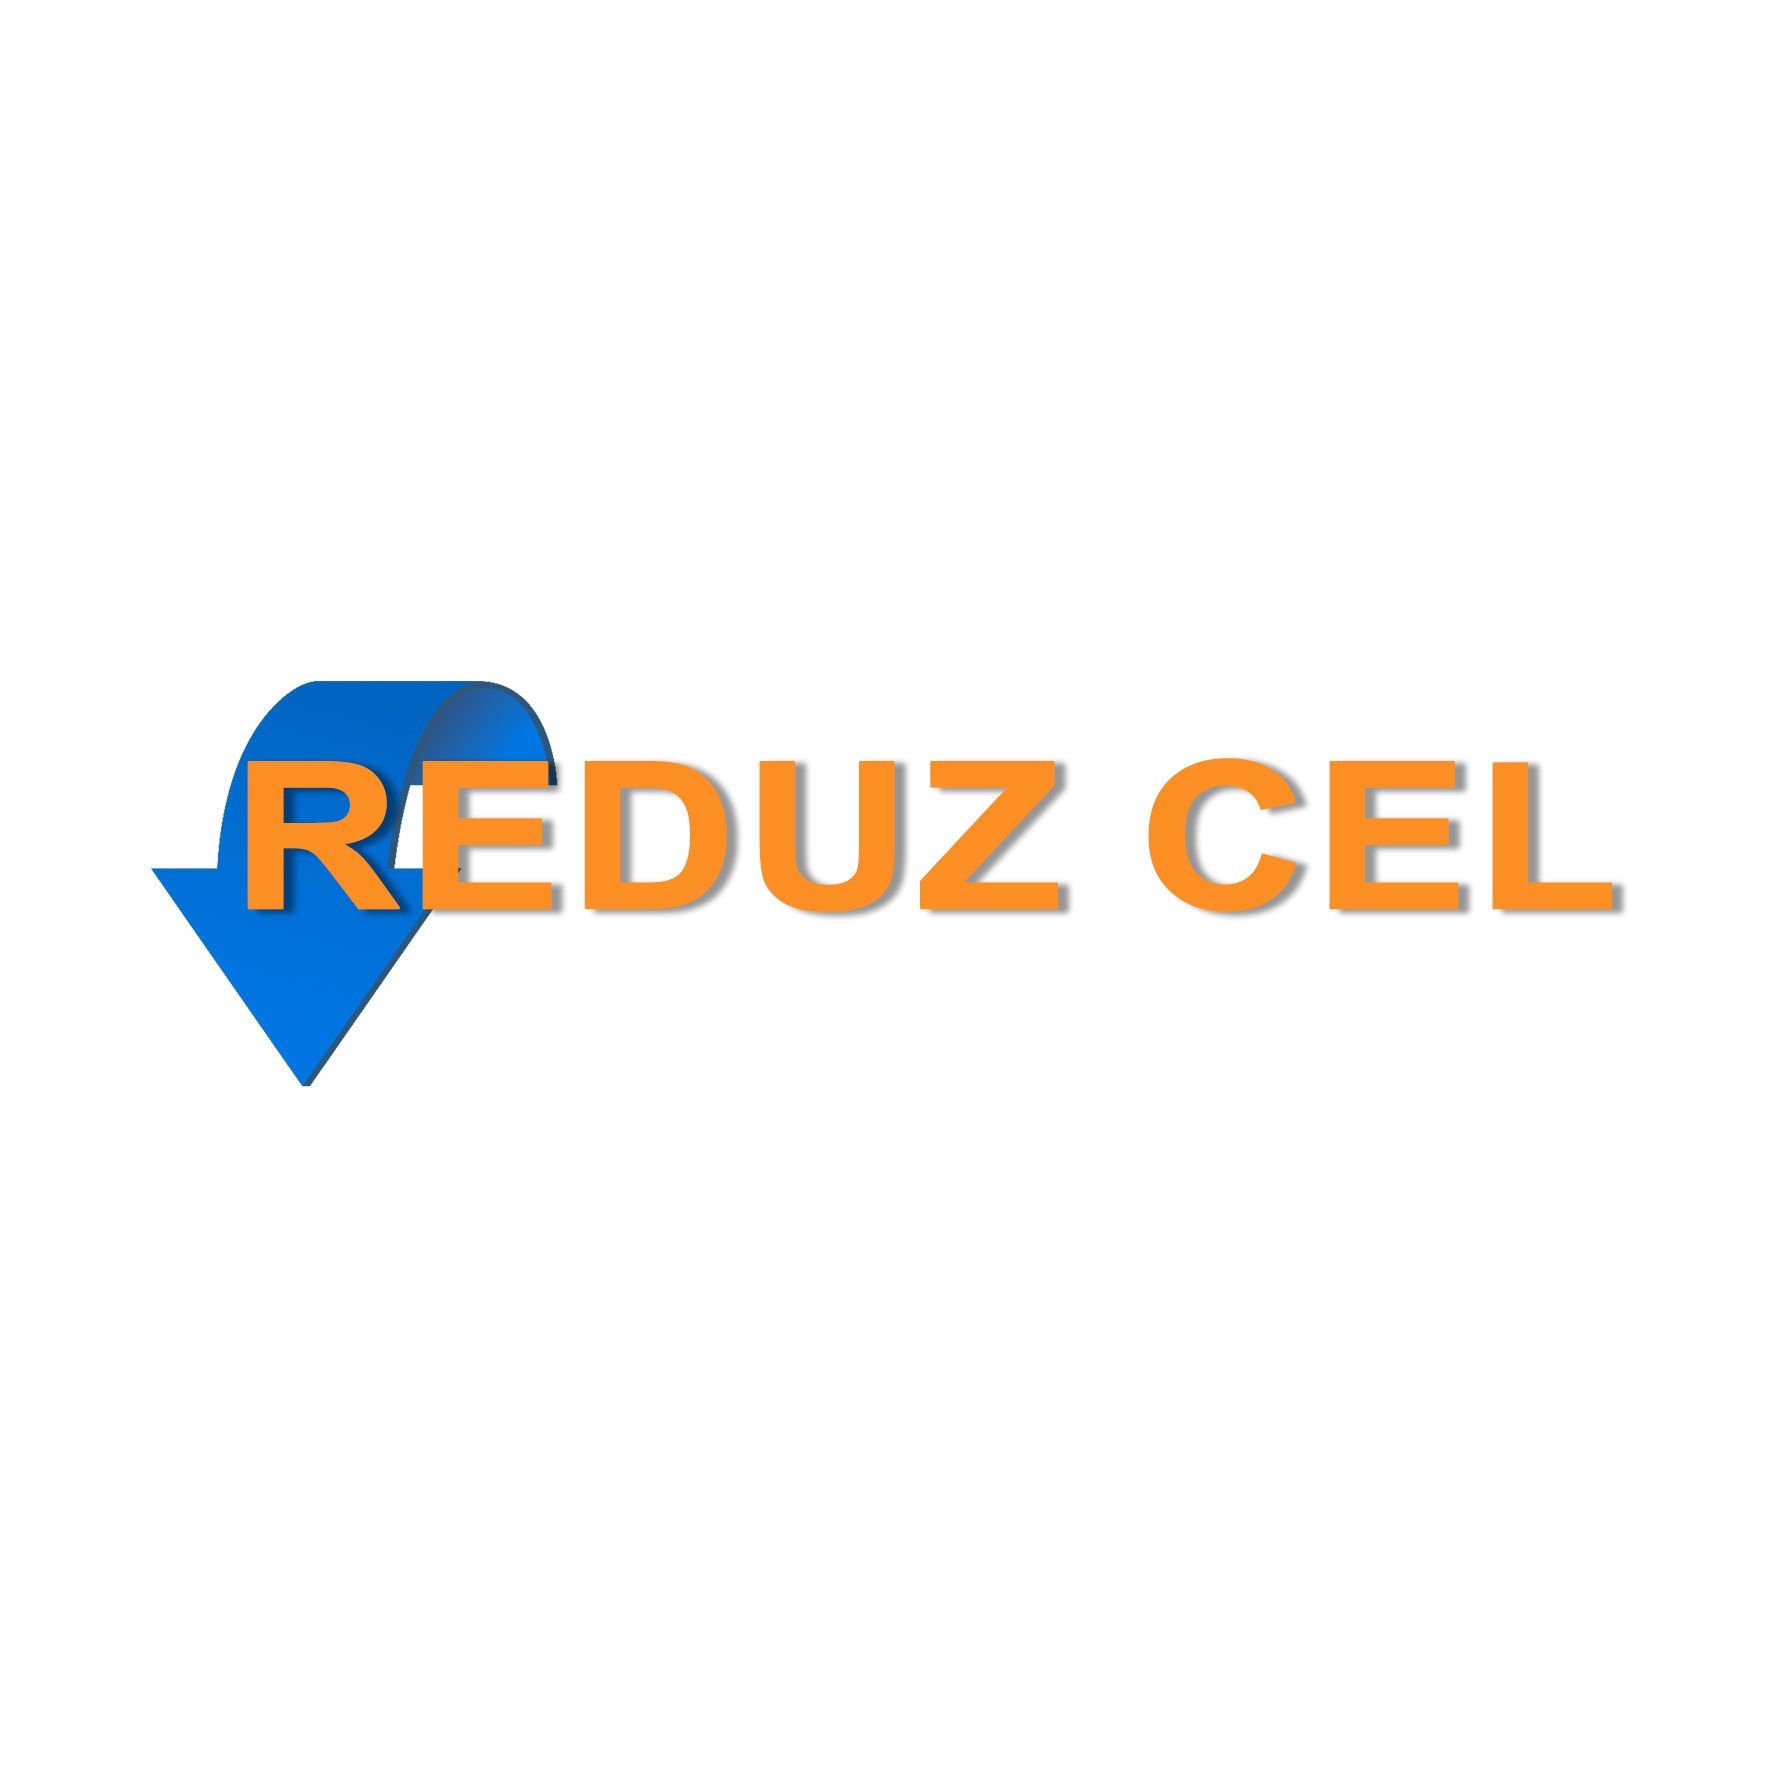 REDUZ-2-1